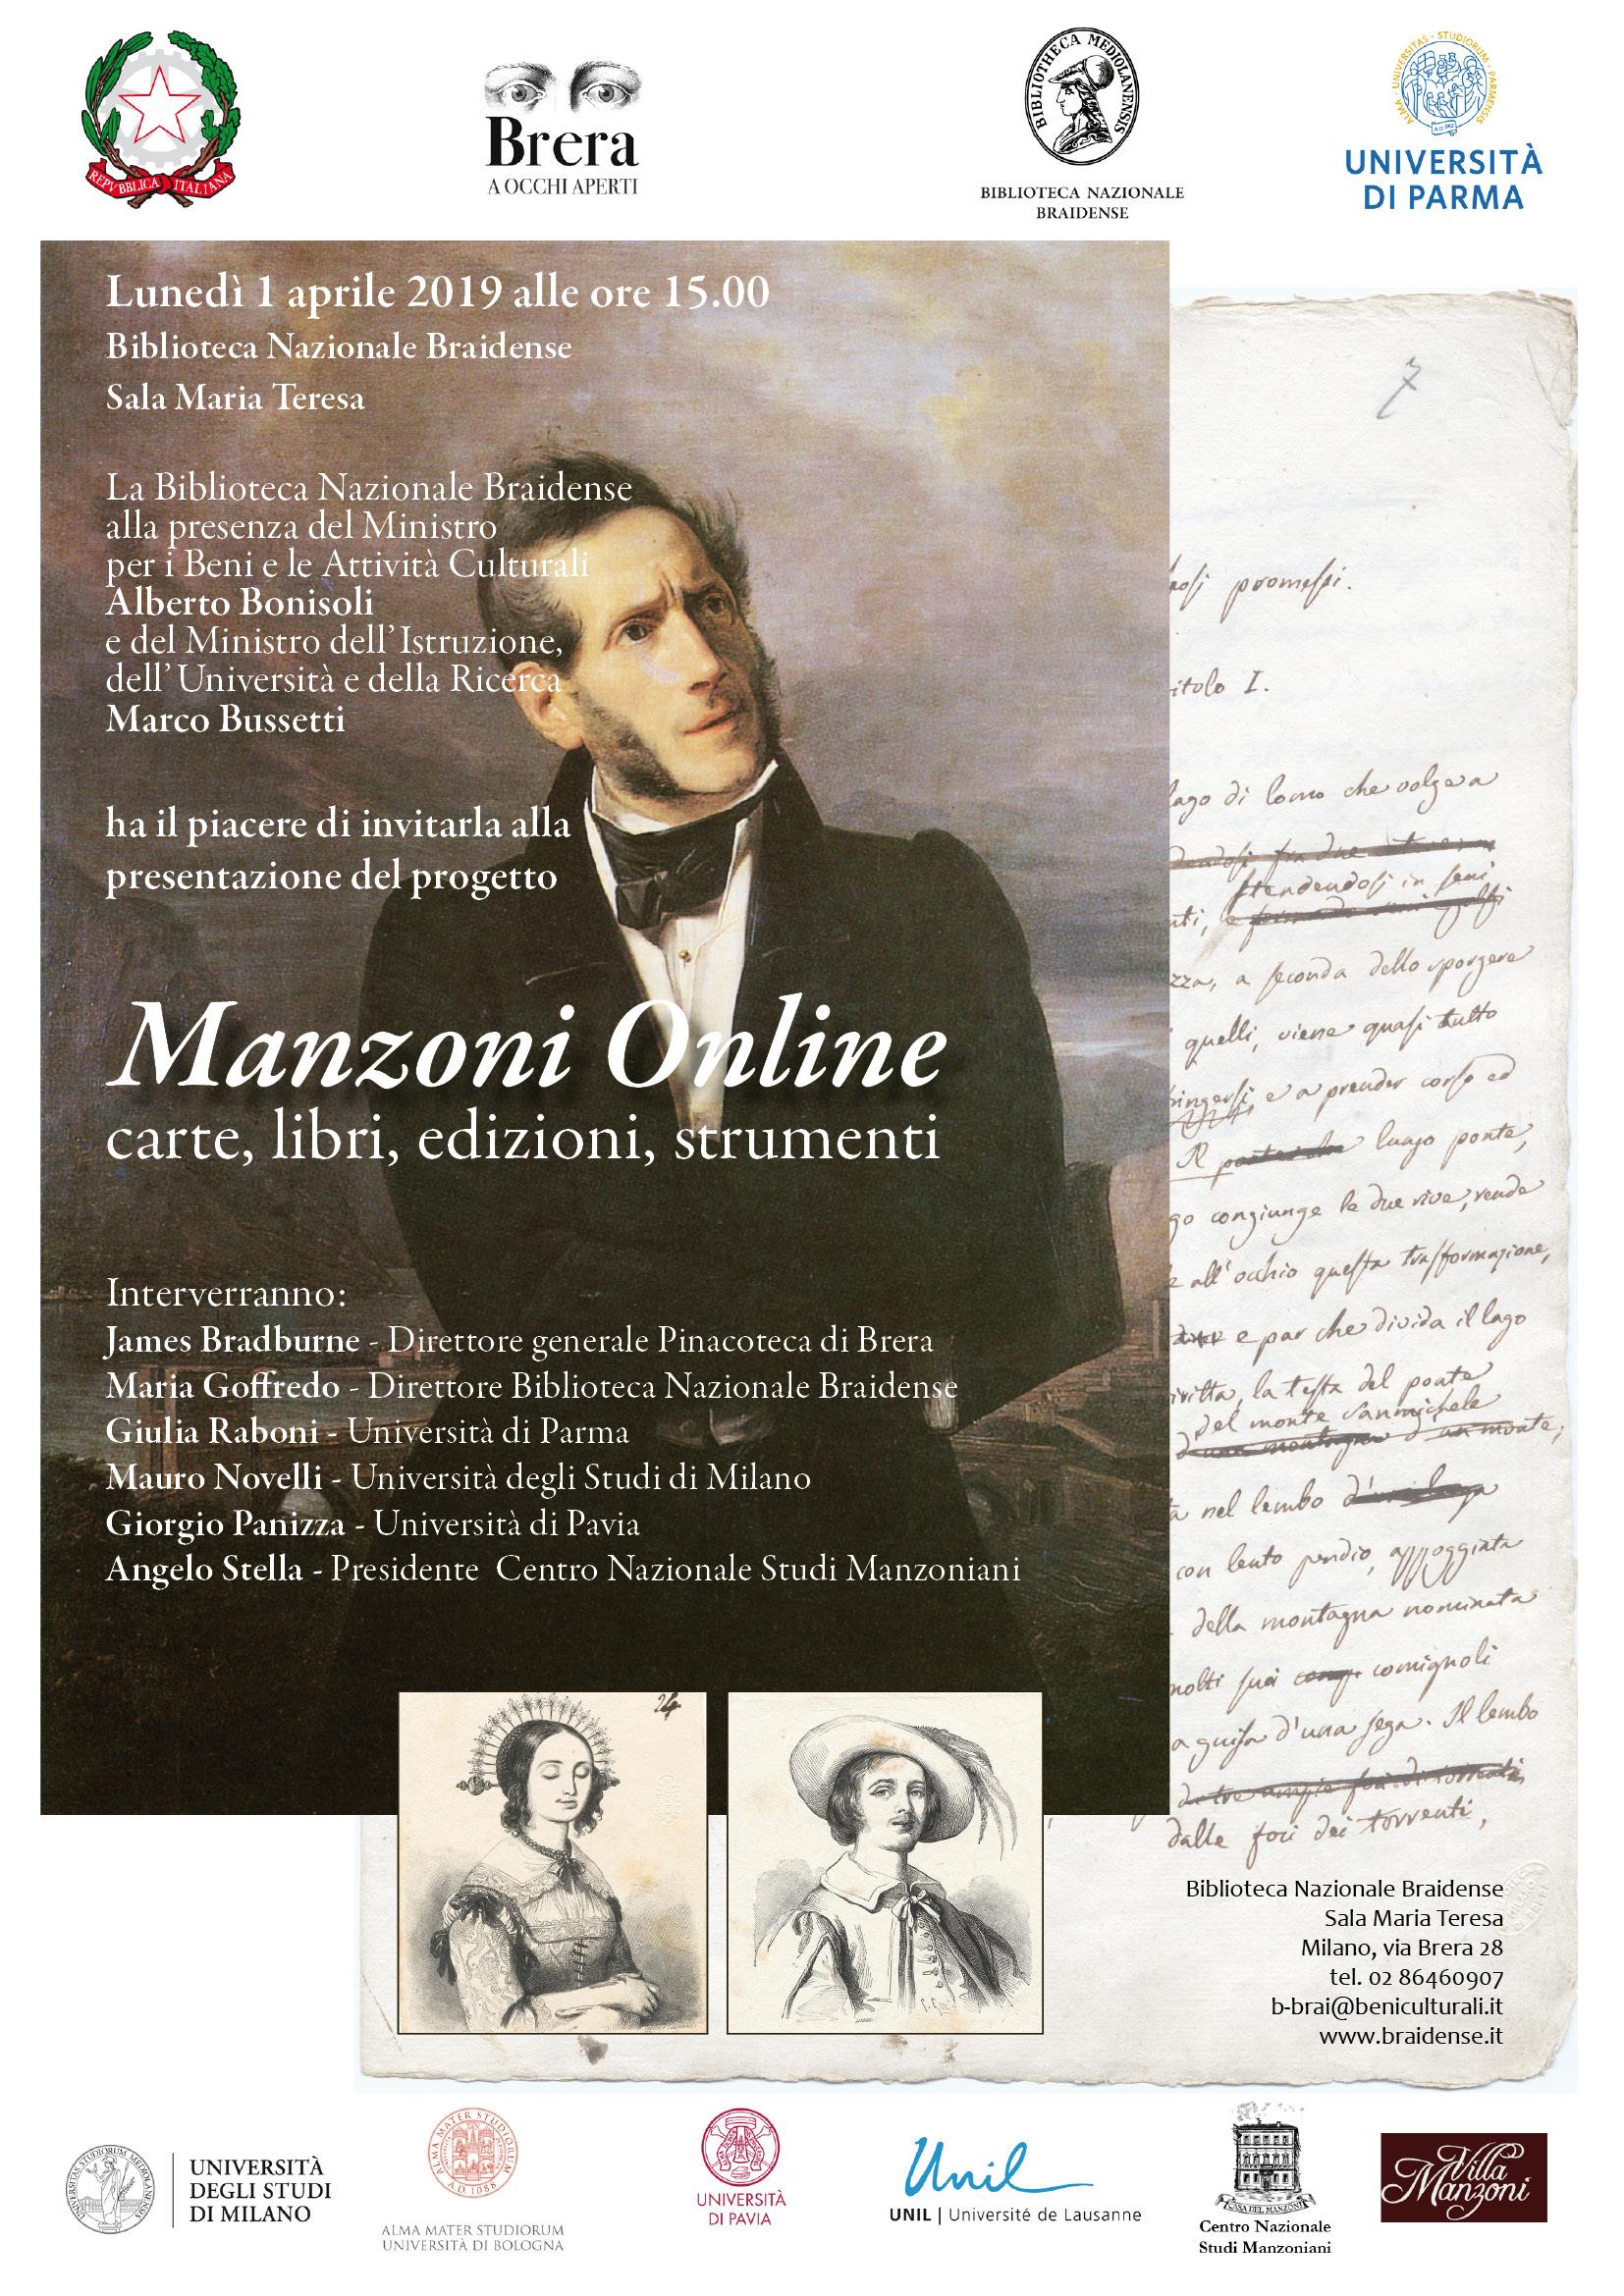 invito-manzoni-online